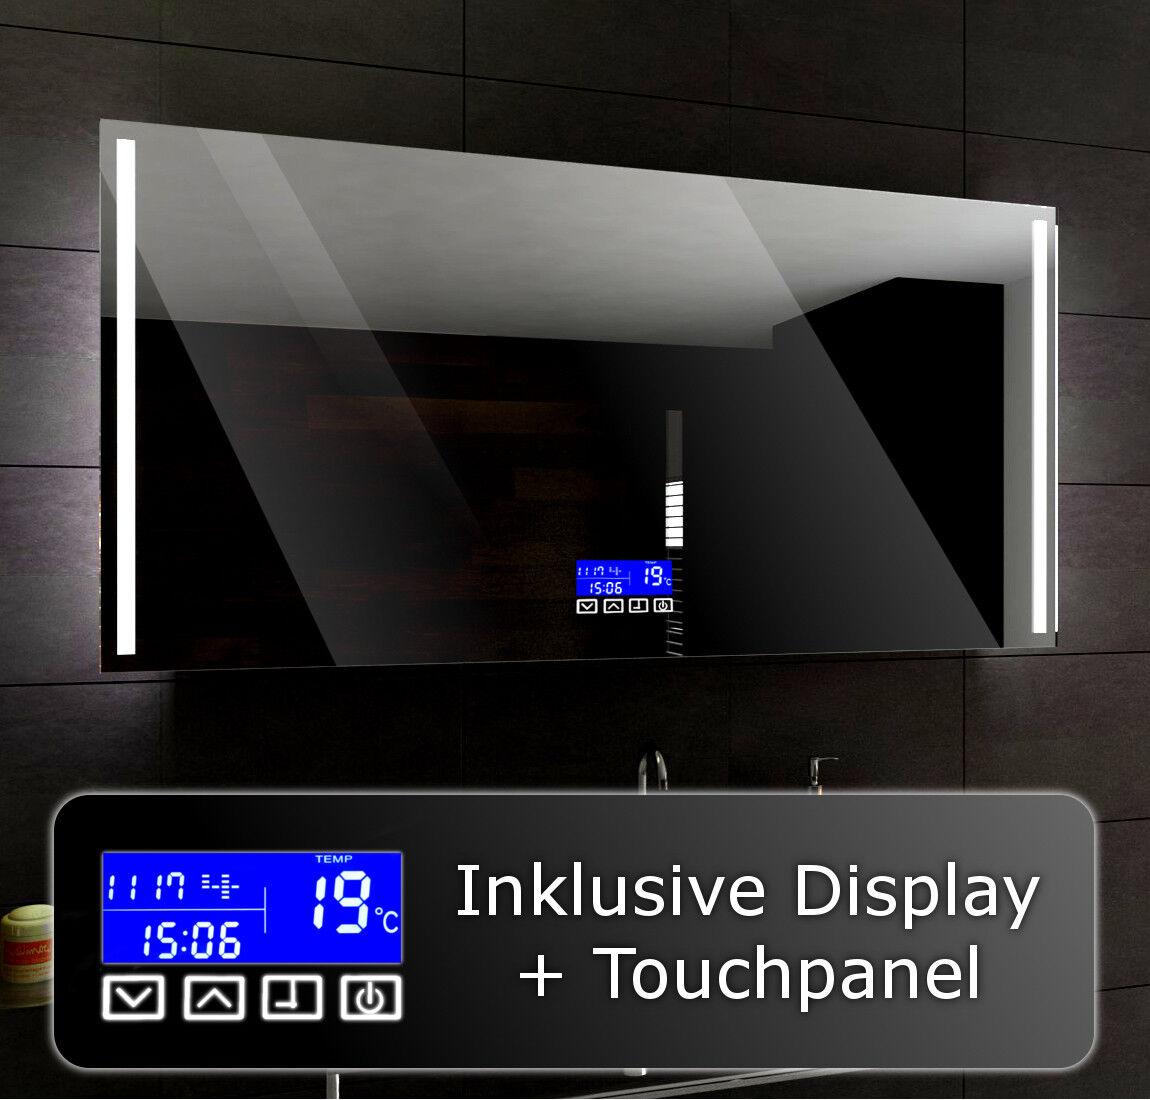 Lumineux DEL Miroir de salle de bain pour mesurer Paris + LCD Touch Control Panel